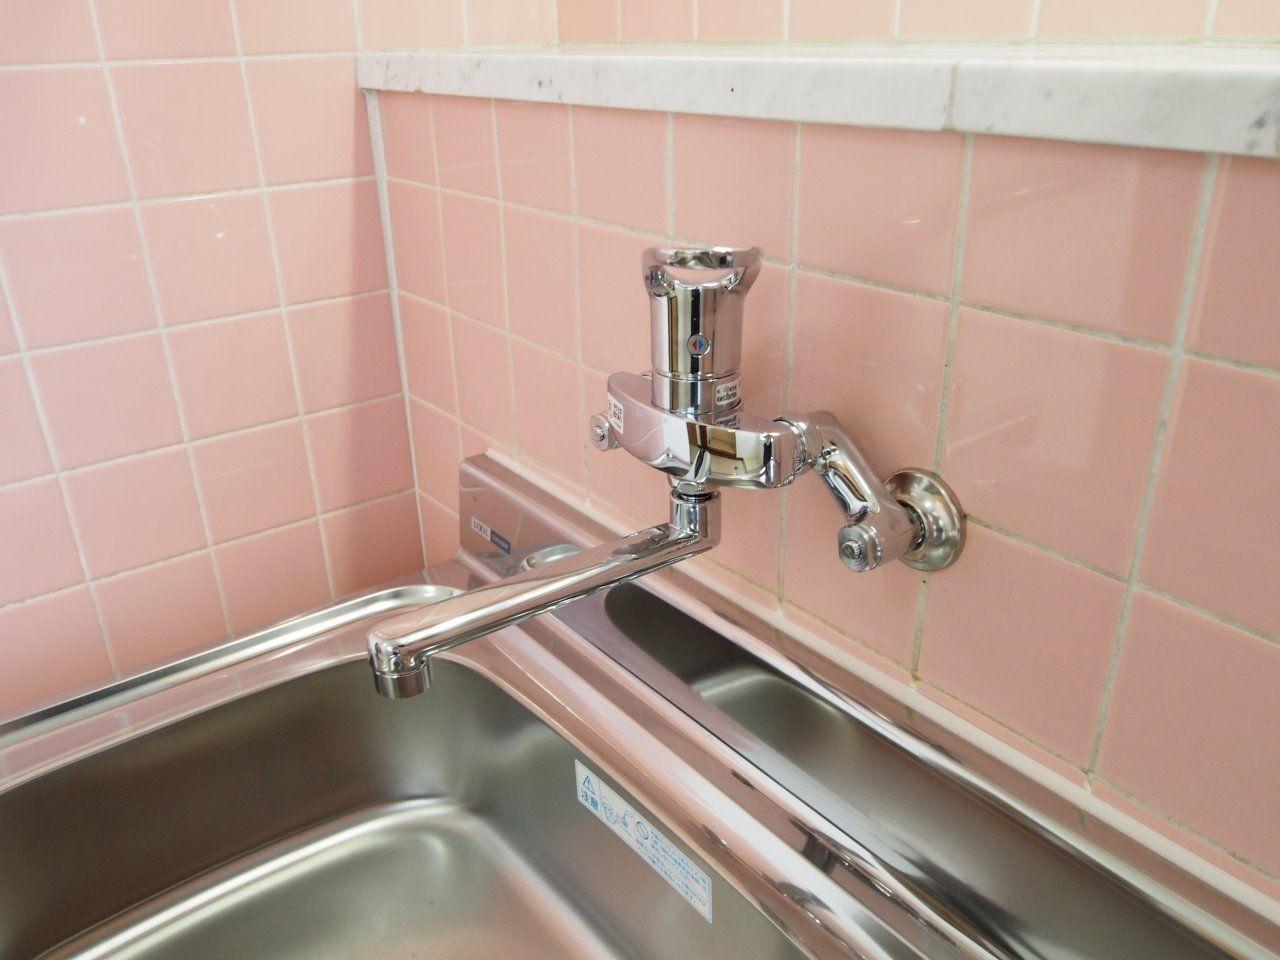 水量や湯水の切替が簡単なワンレバー式水栓